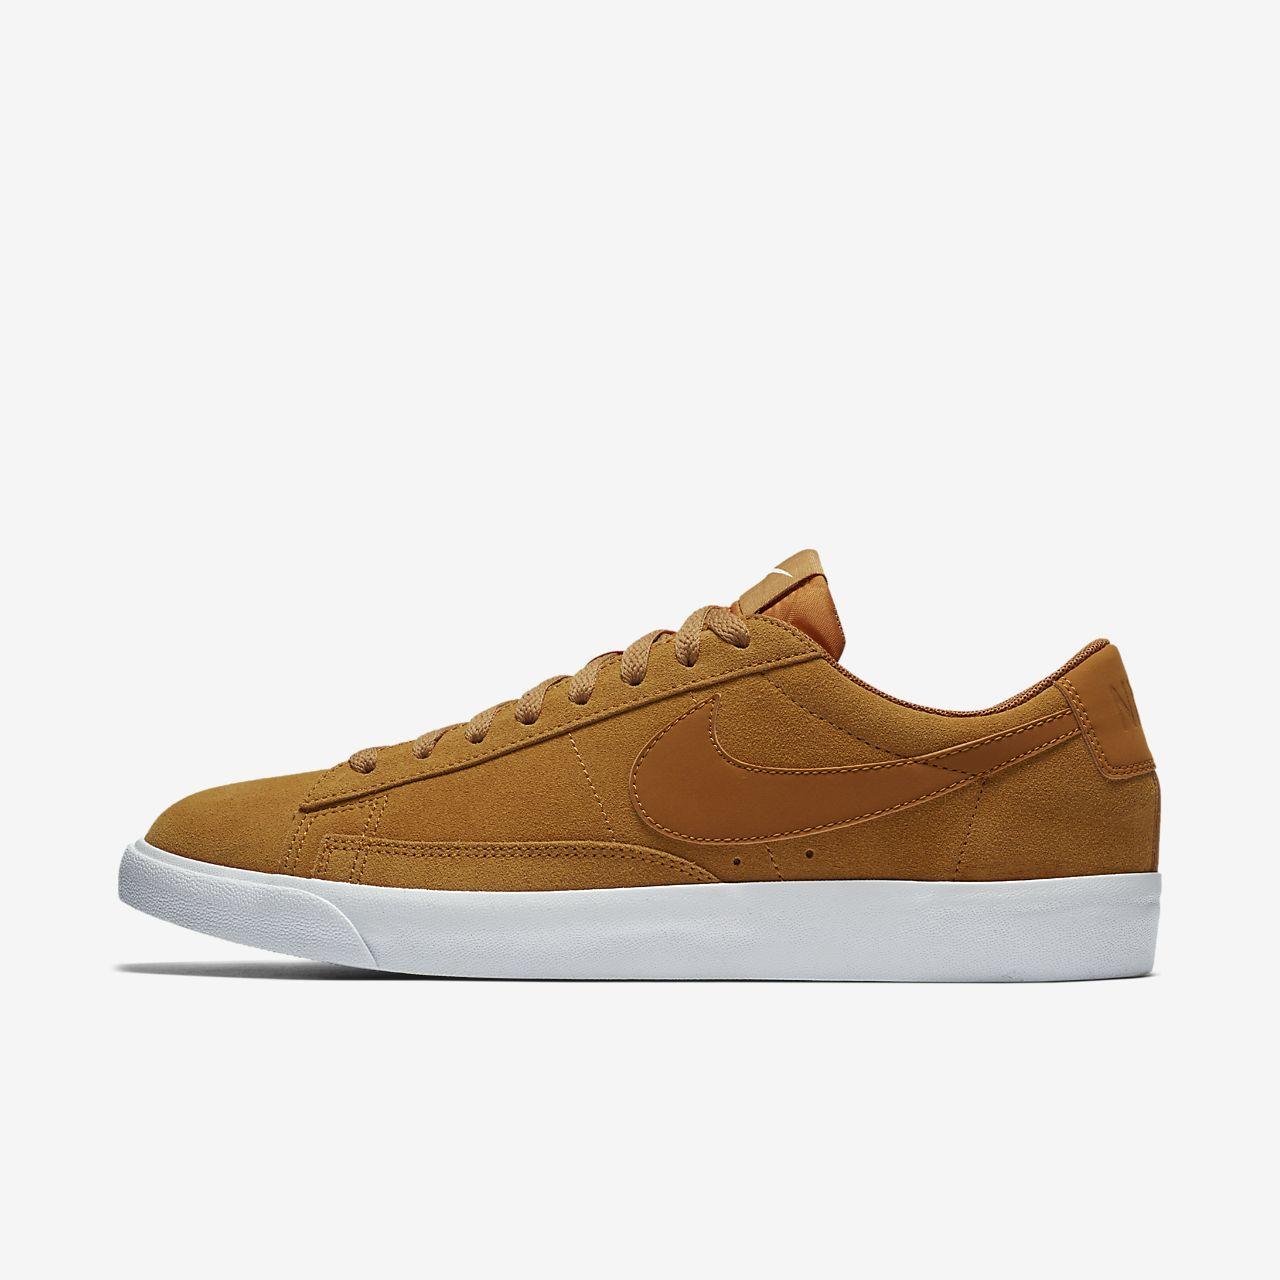 Nike Blazers Düşük Erkekler Popüler Ayakkabı Kırmızı Mükemmel